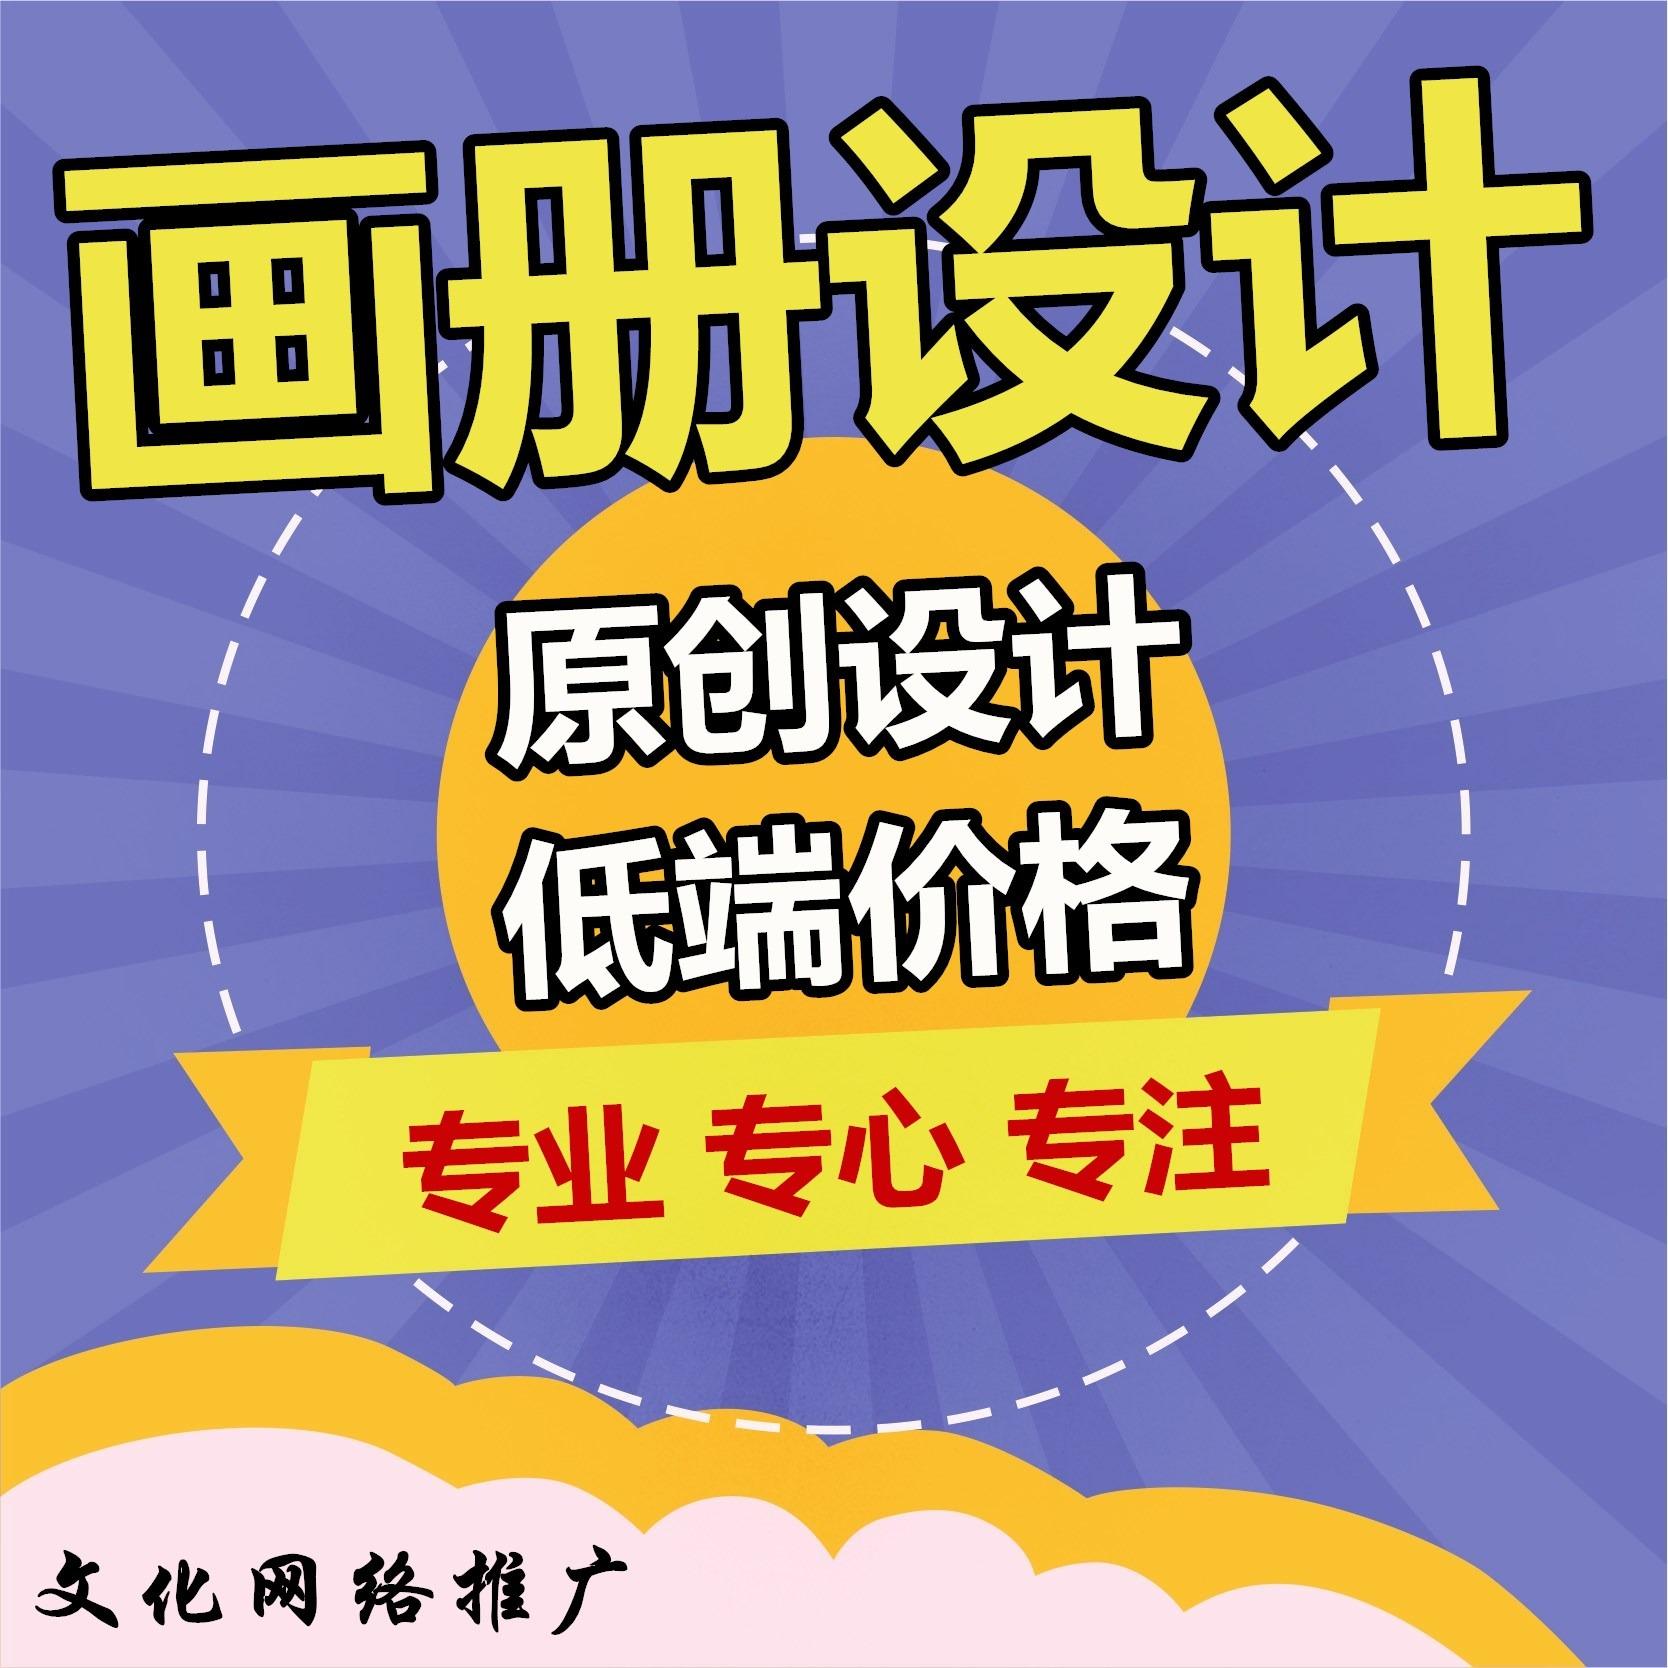 企业宣传册样册招商手册公司样本说明书设计宣传画册设计产品图册